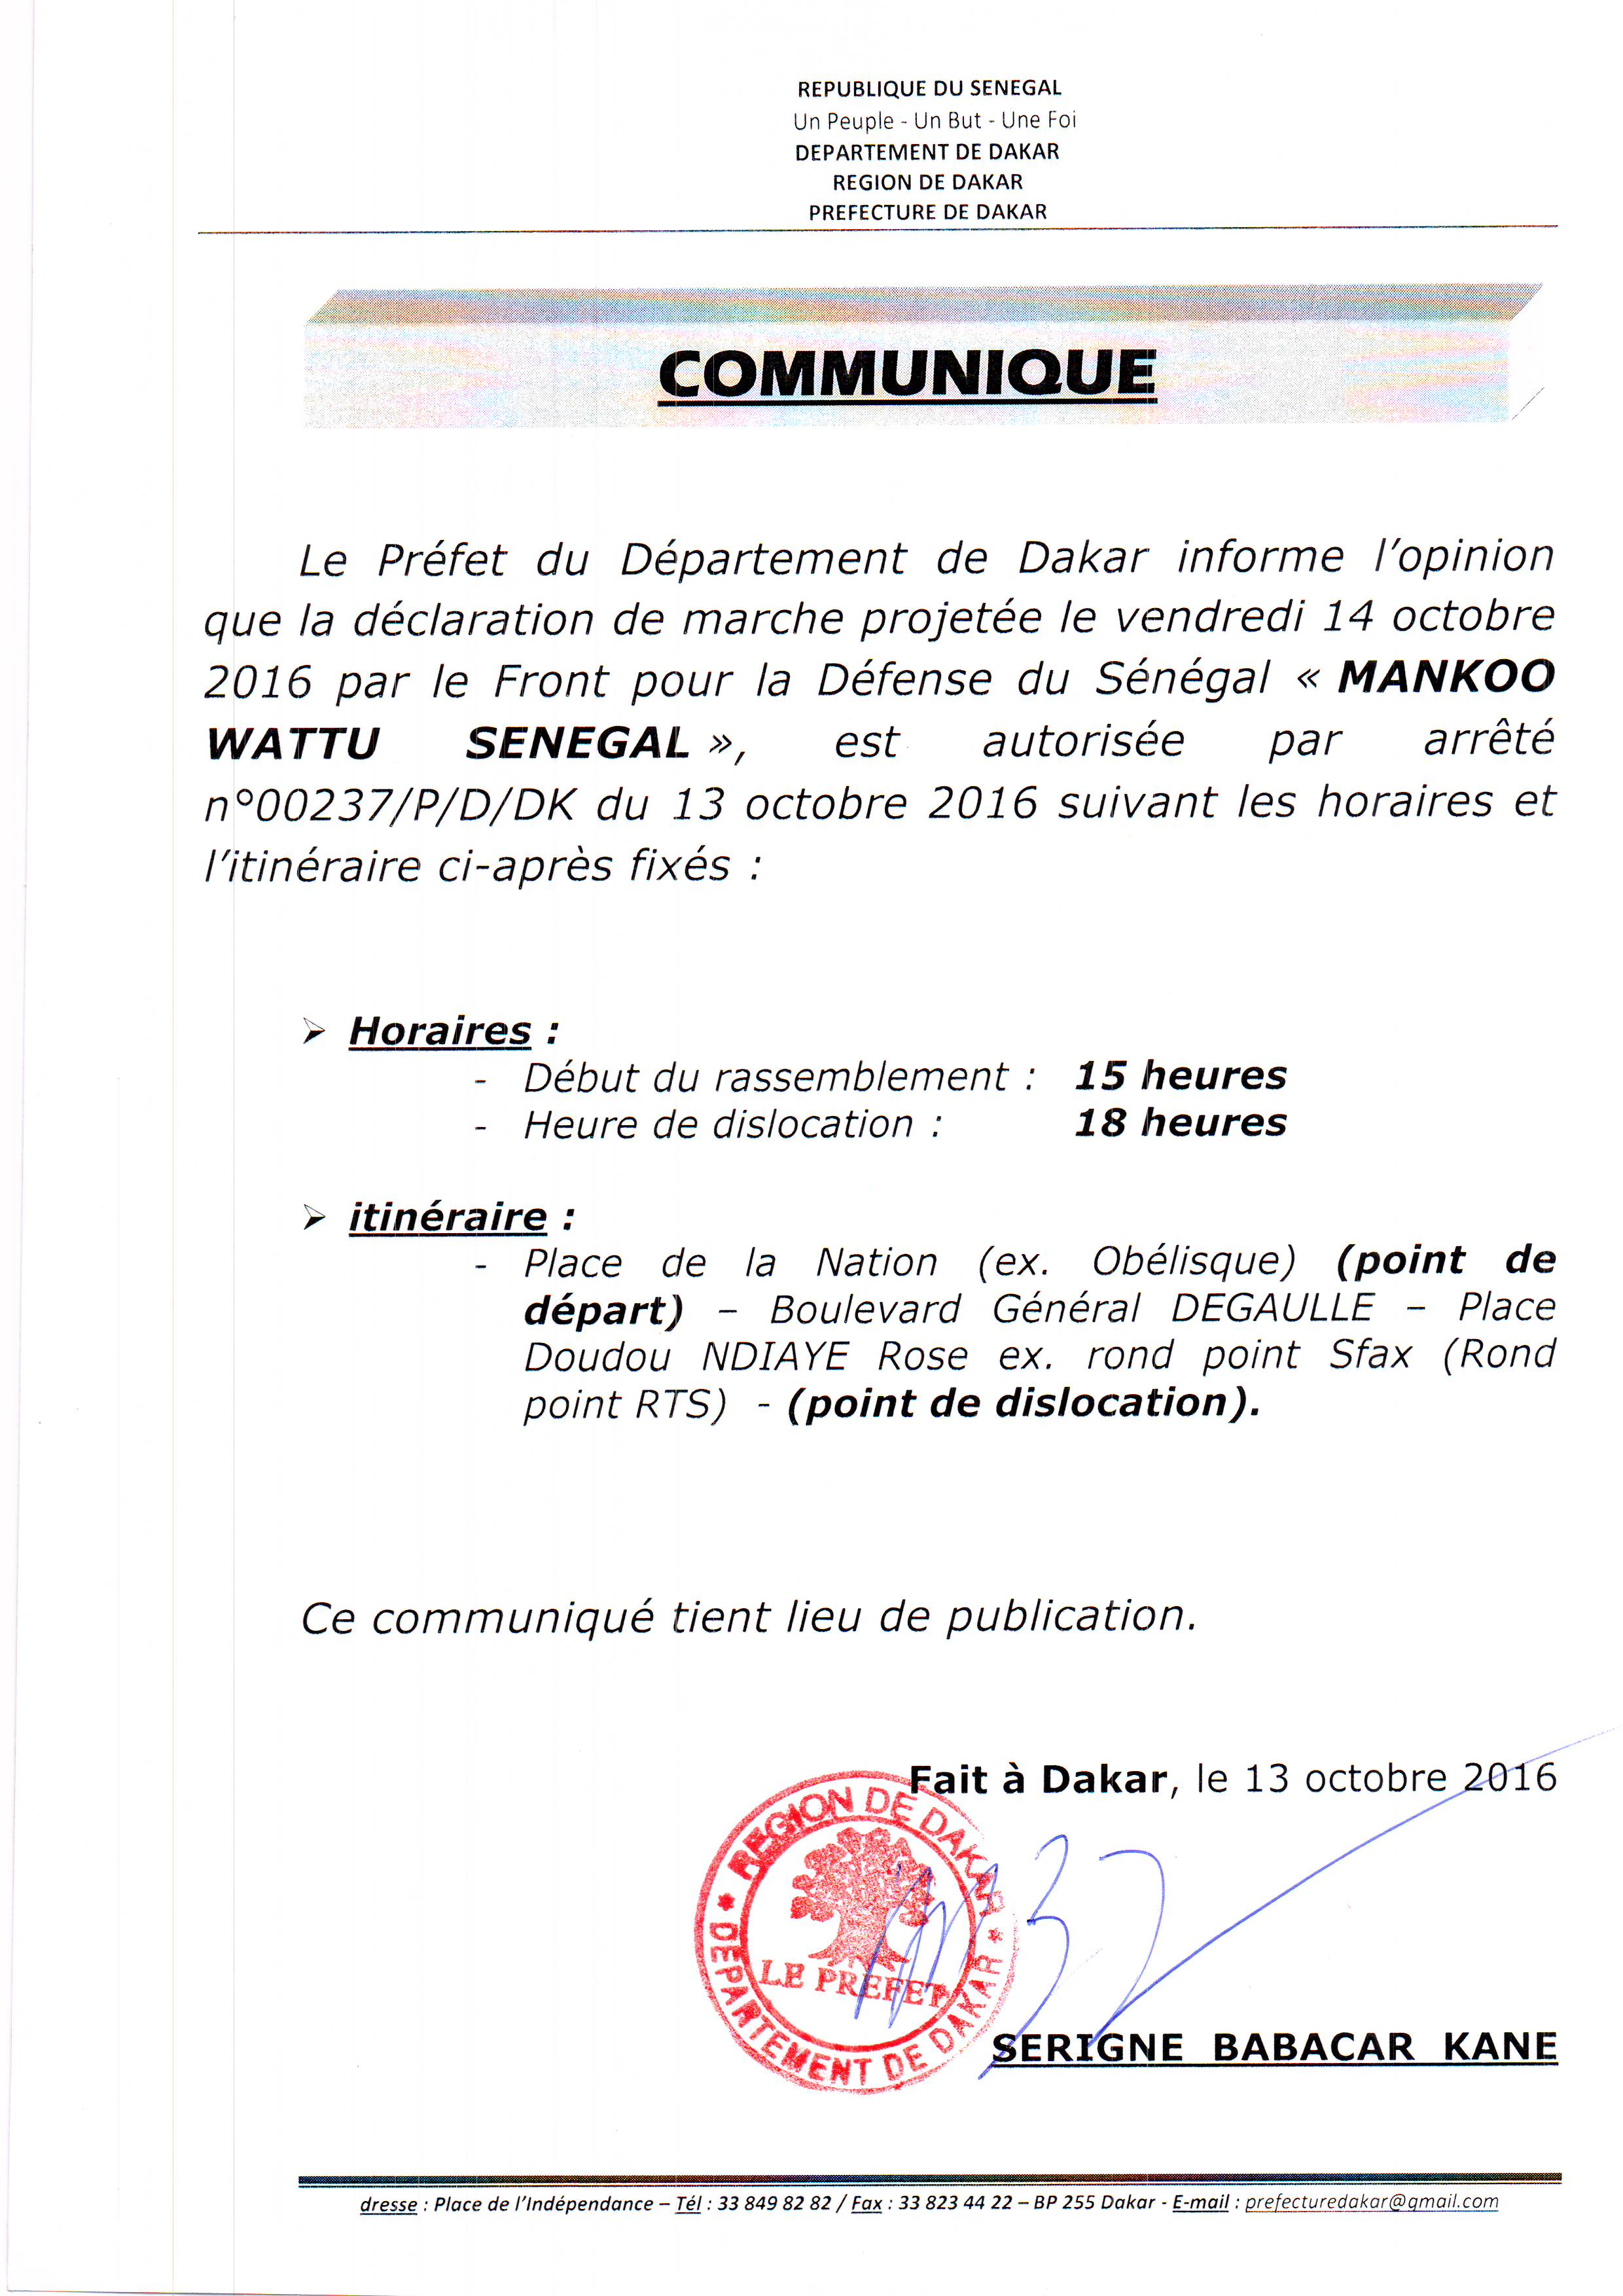 Le Préfet du Département de Dakar autorise la marche de Manko Wattu Senegaal